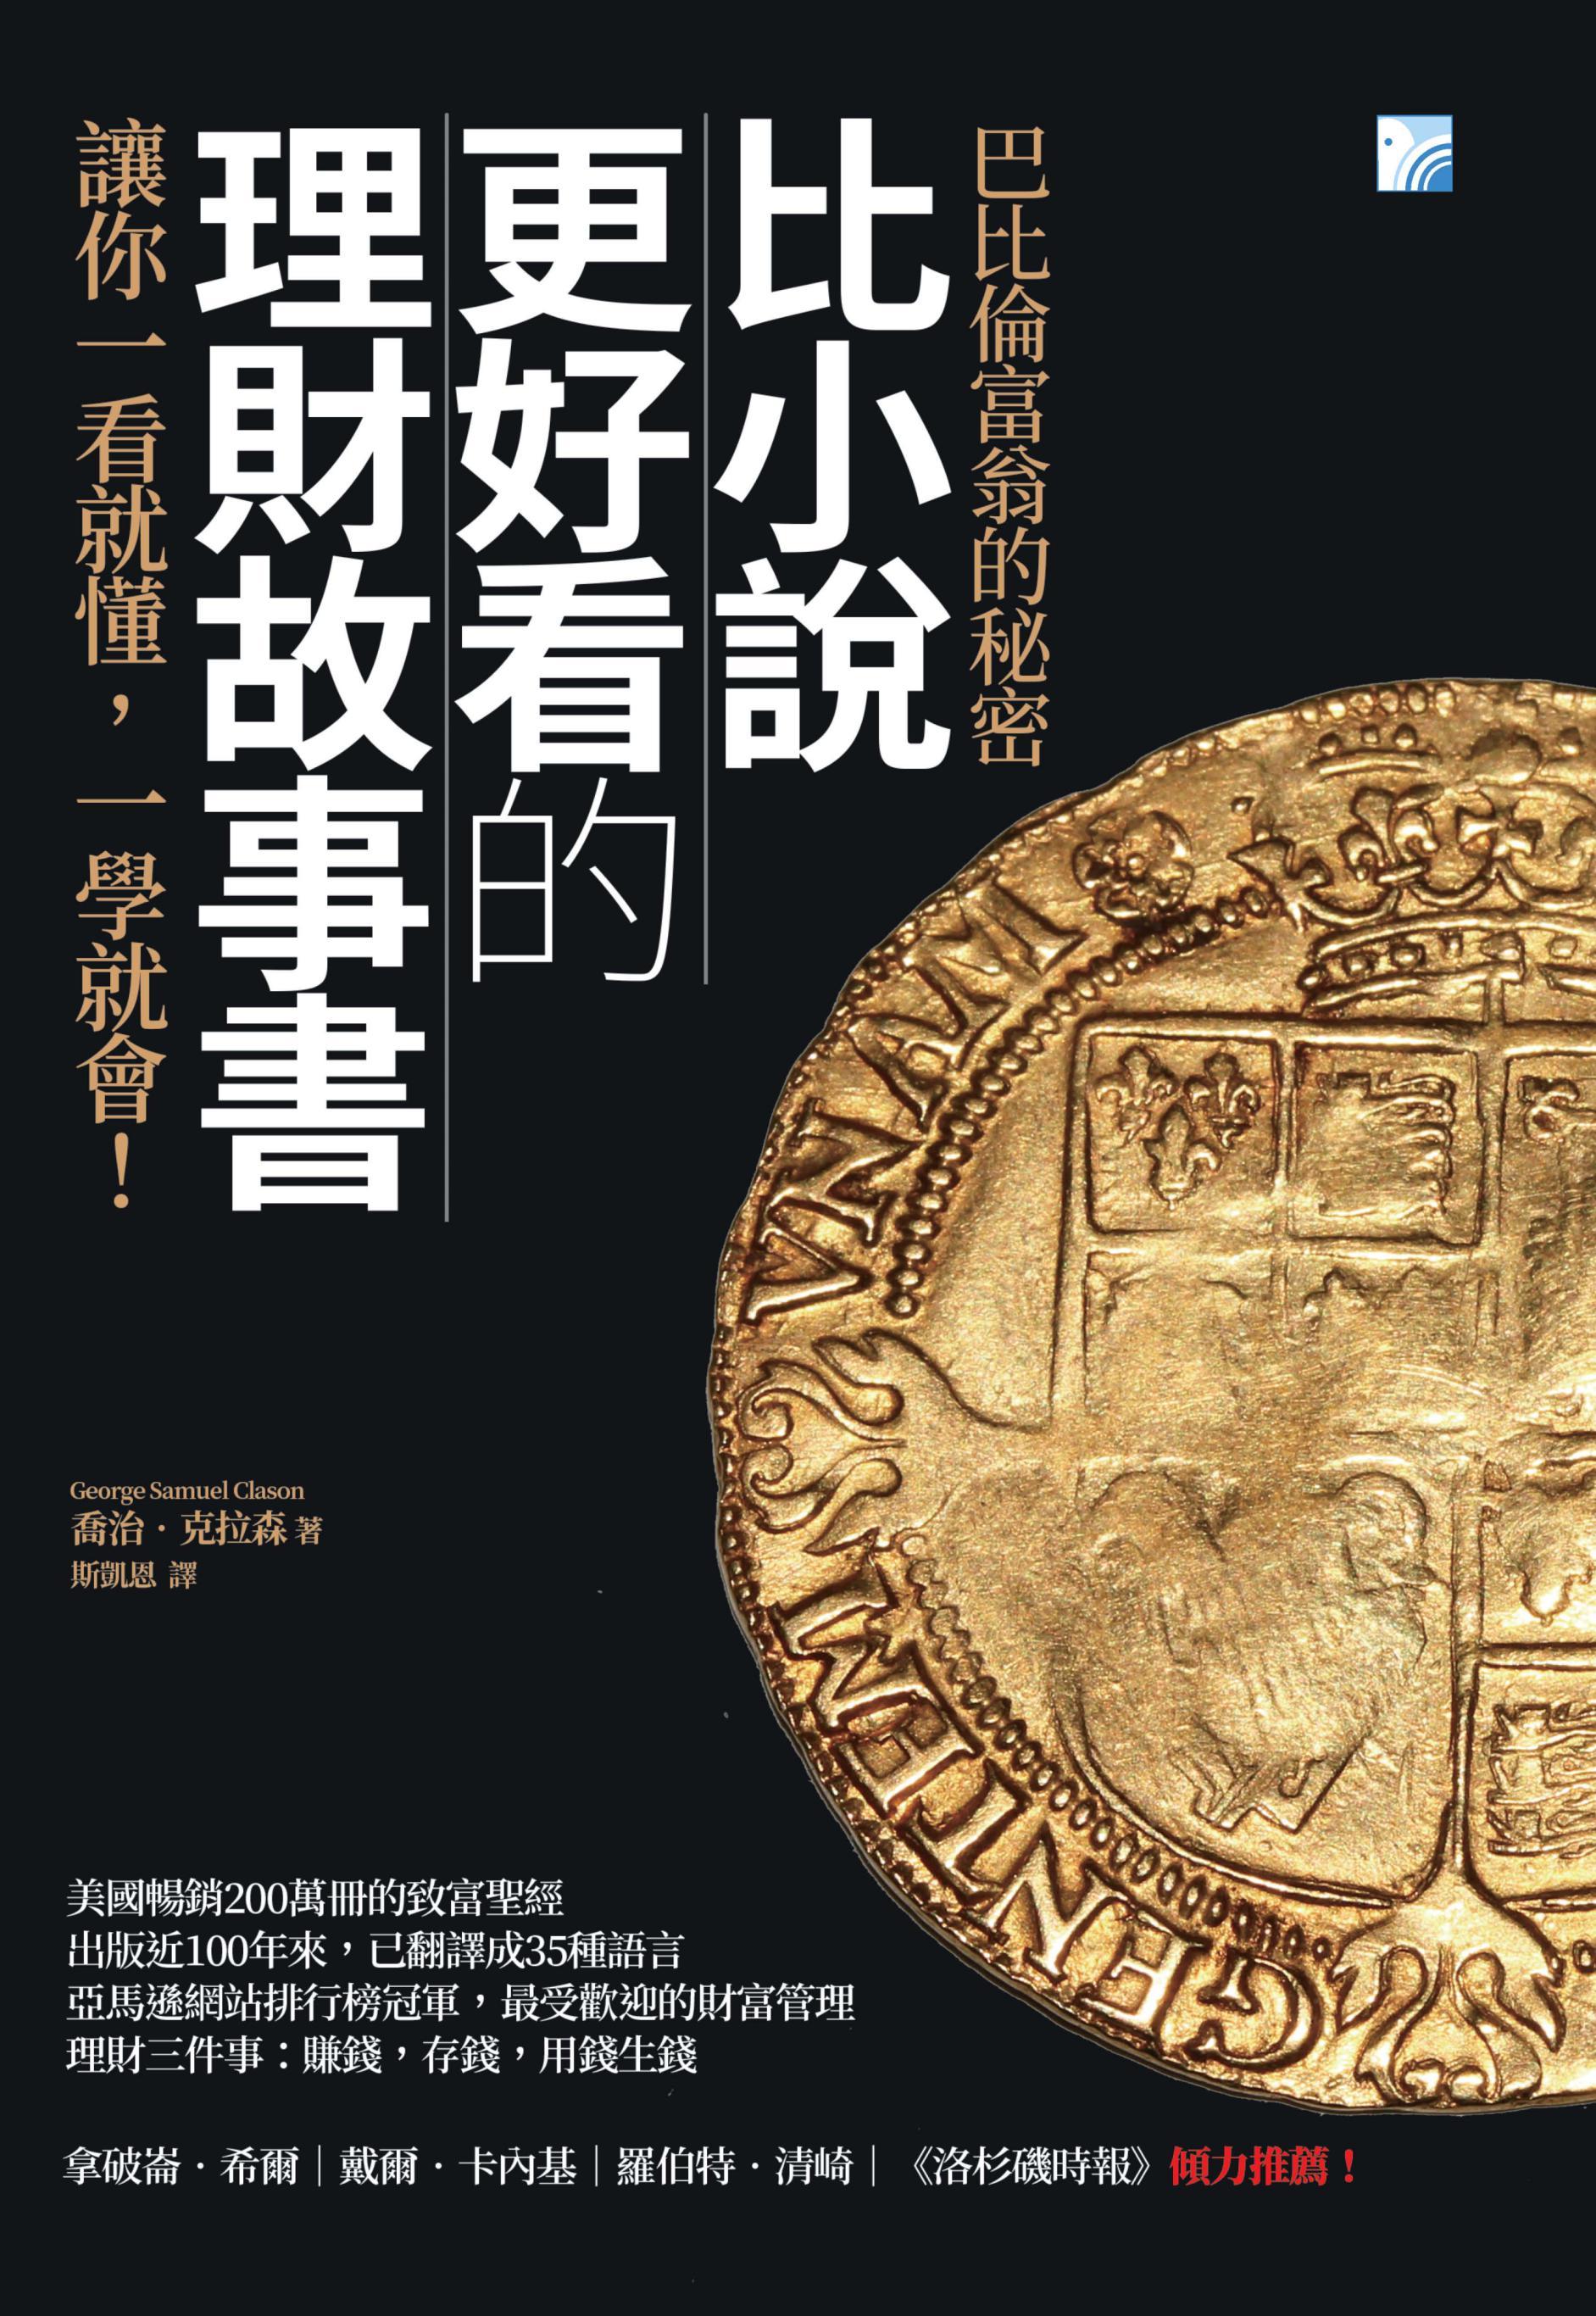 比小說更好看的理財故事書:巴比倫富翁的秘密